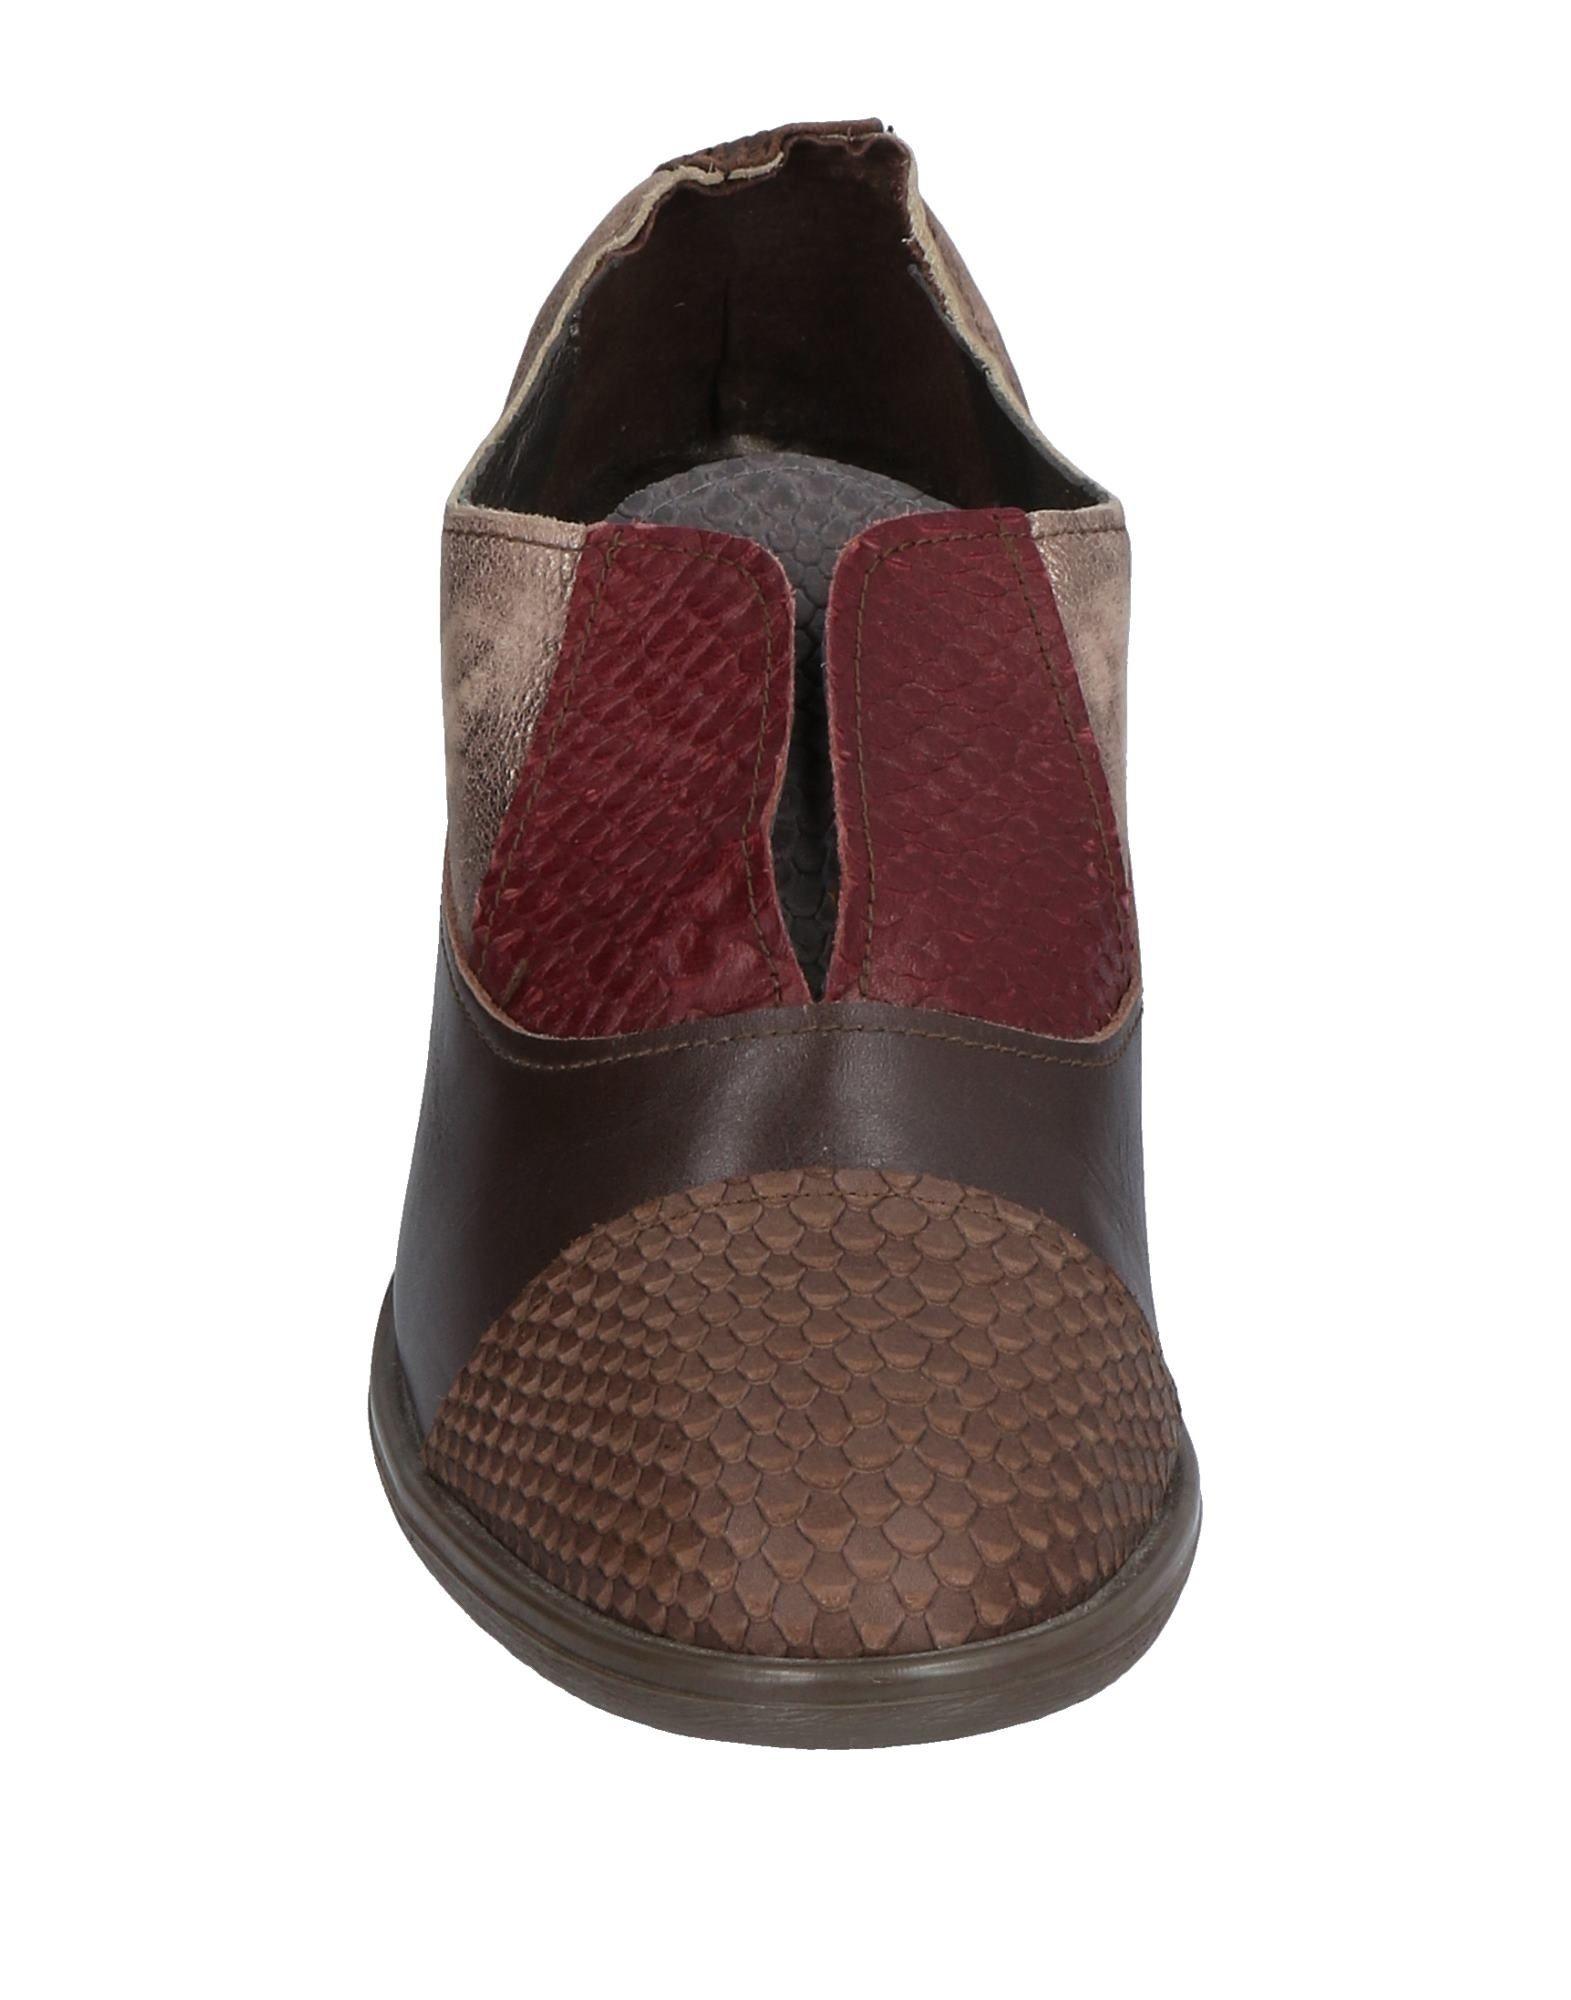 Ebarrito 11519119CG Mokassins Damen  11519119CG Ebarrito Gute Qualität beliebte Schuhe a9601a